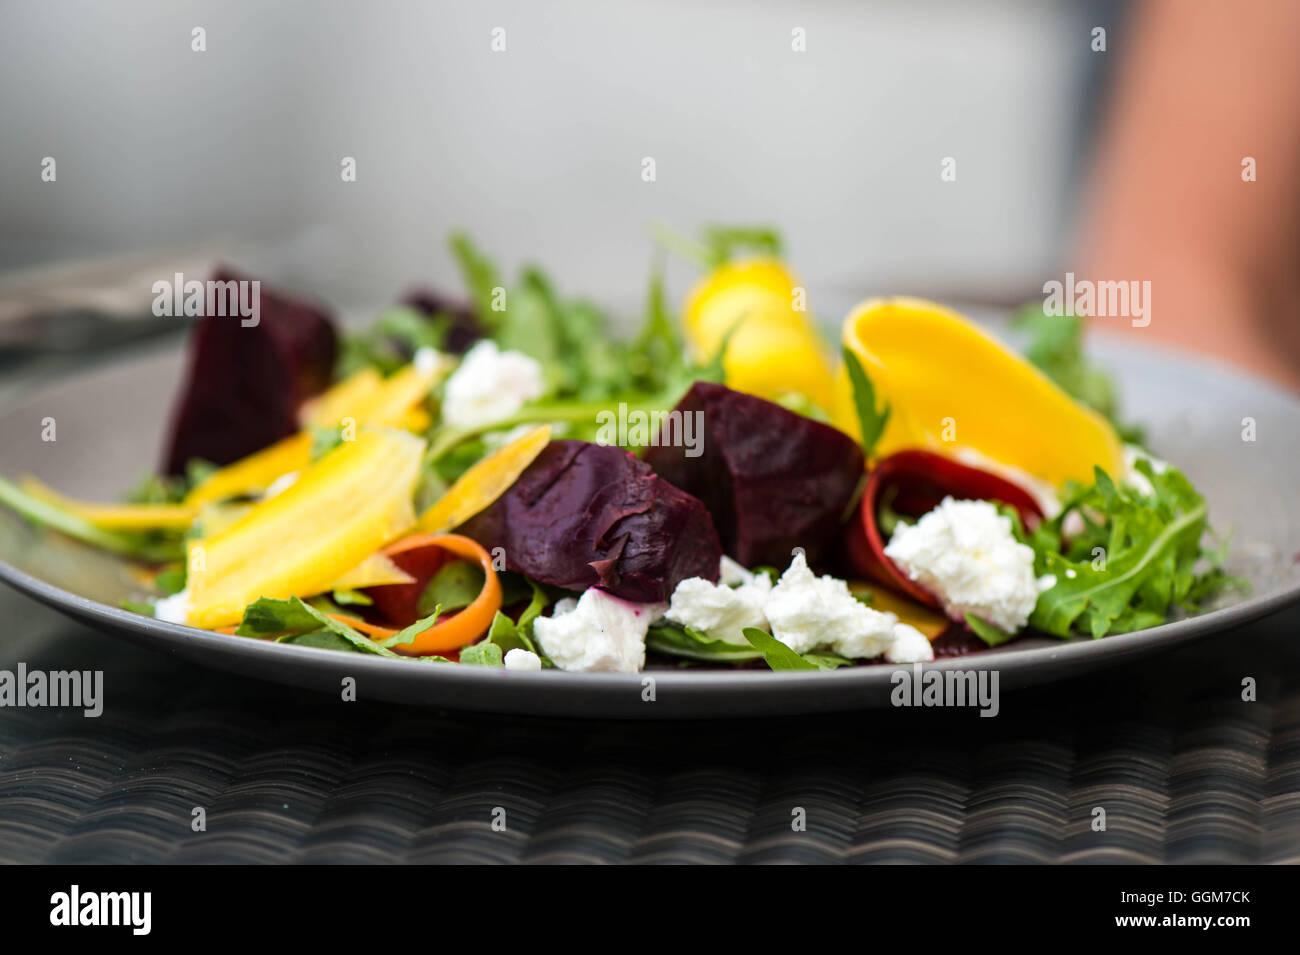 Vegetariana comida Ensalada mixta con queso de cabra Imagen De Stock